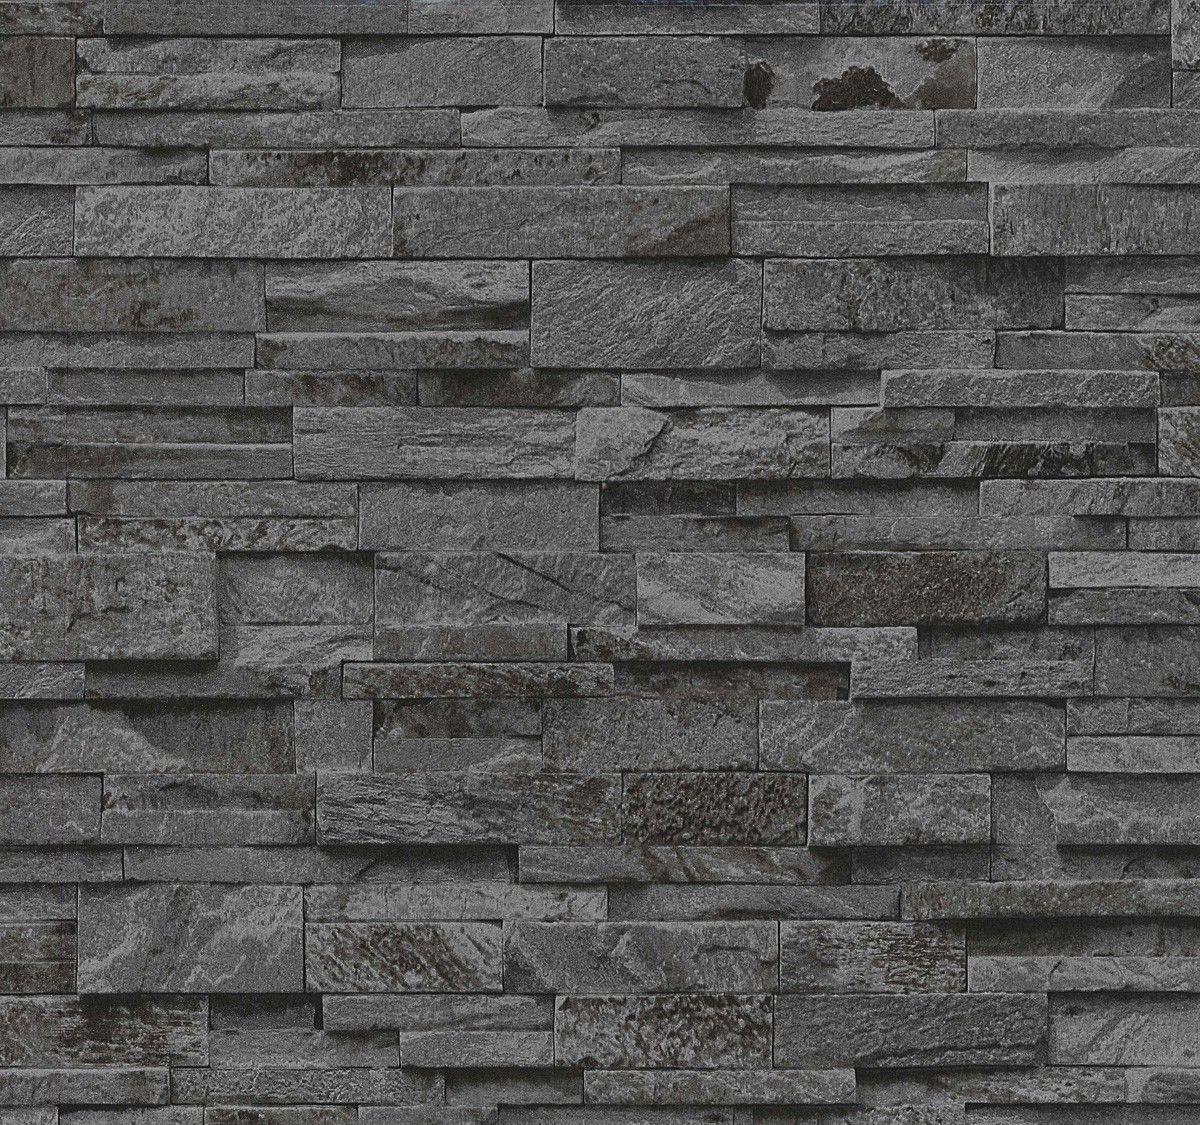 02363 40 Tapete Mit Steinmauer Abbildung In Schwarz Von P S International Markentapeten Gunstig Und Schnell Online Kau Steintapete Tapete Steinoptik Tapeten